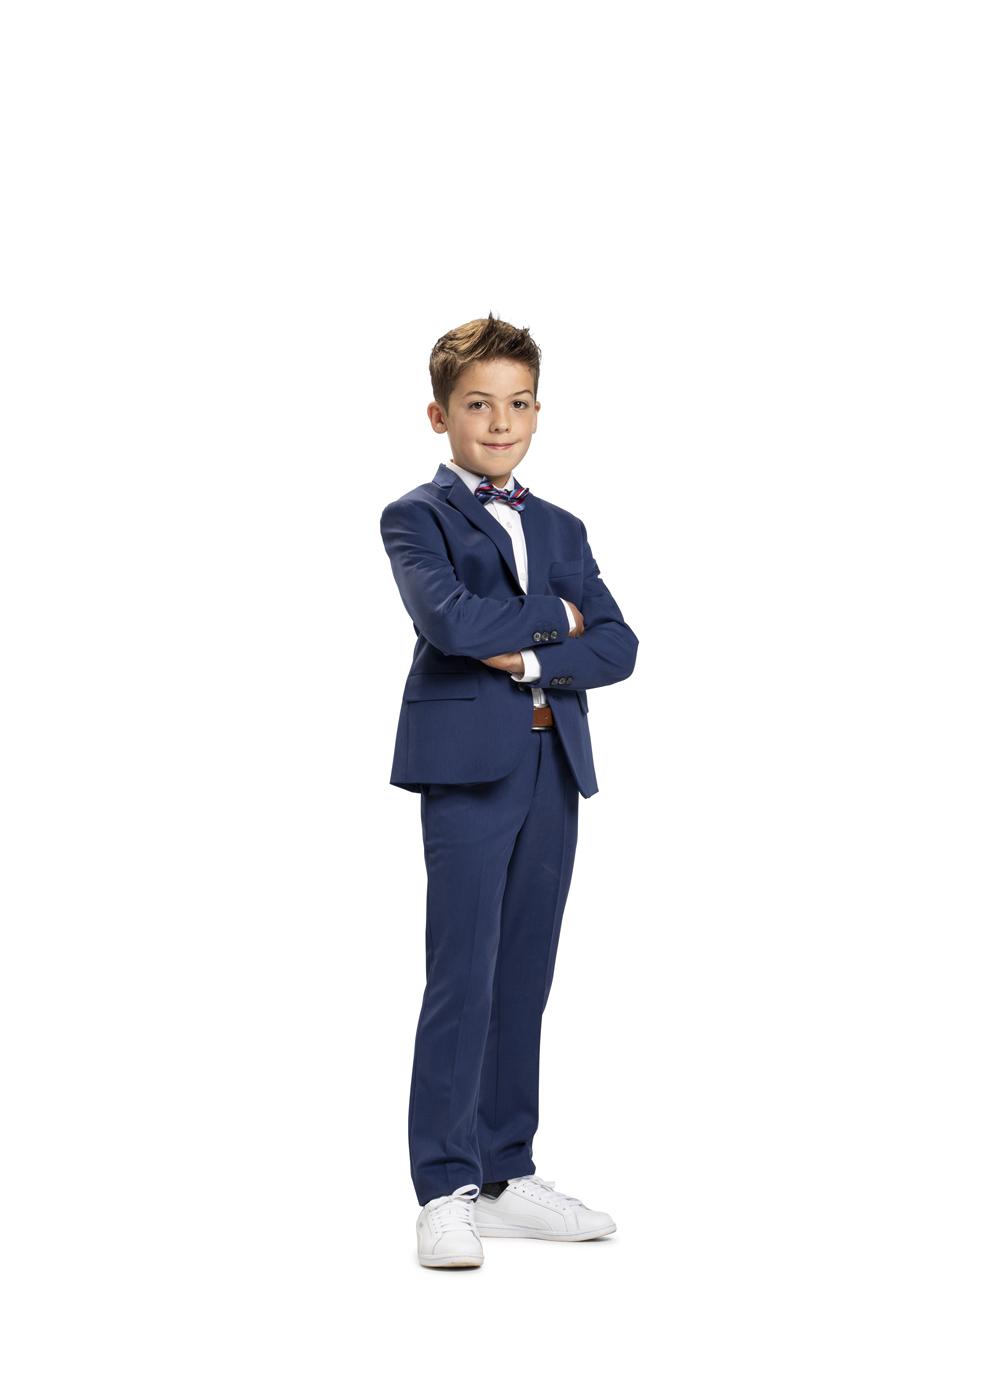 Kommunion Anzug für Jungen von Weise Junior - Modell 7517951. Top modischer und zugleich sportlicher Kommunionanzug für Jungen in mittelblau.